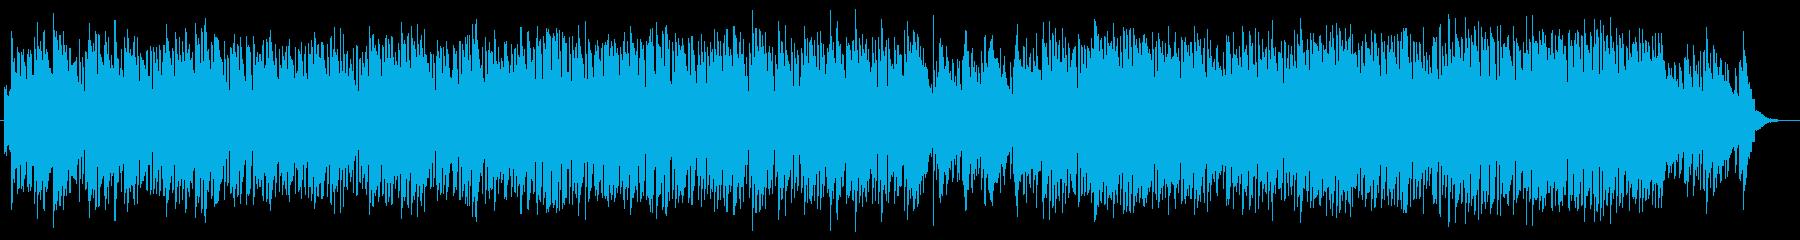 ピアノの美しいナチュラルで落ち着く曲の再生済みの波形